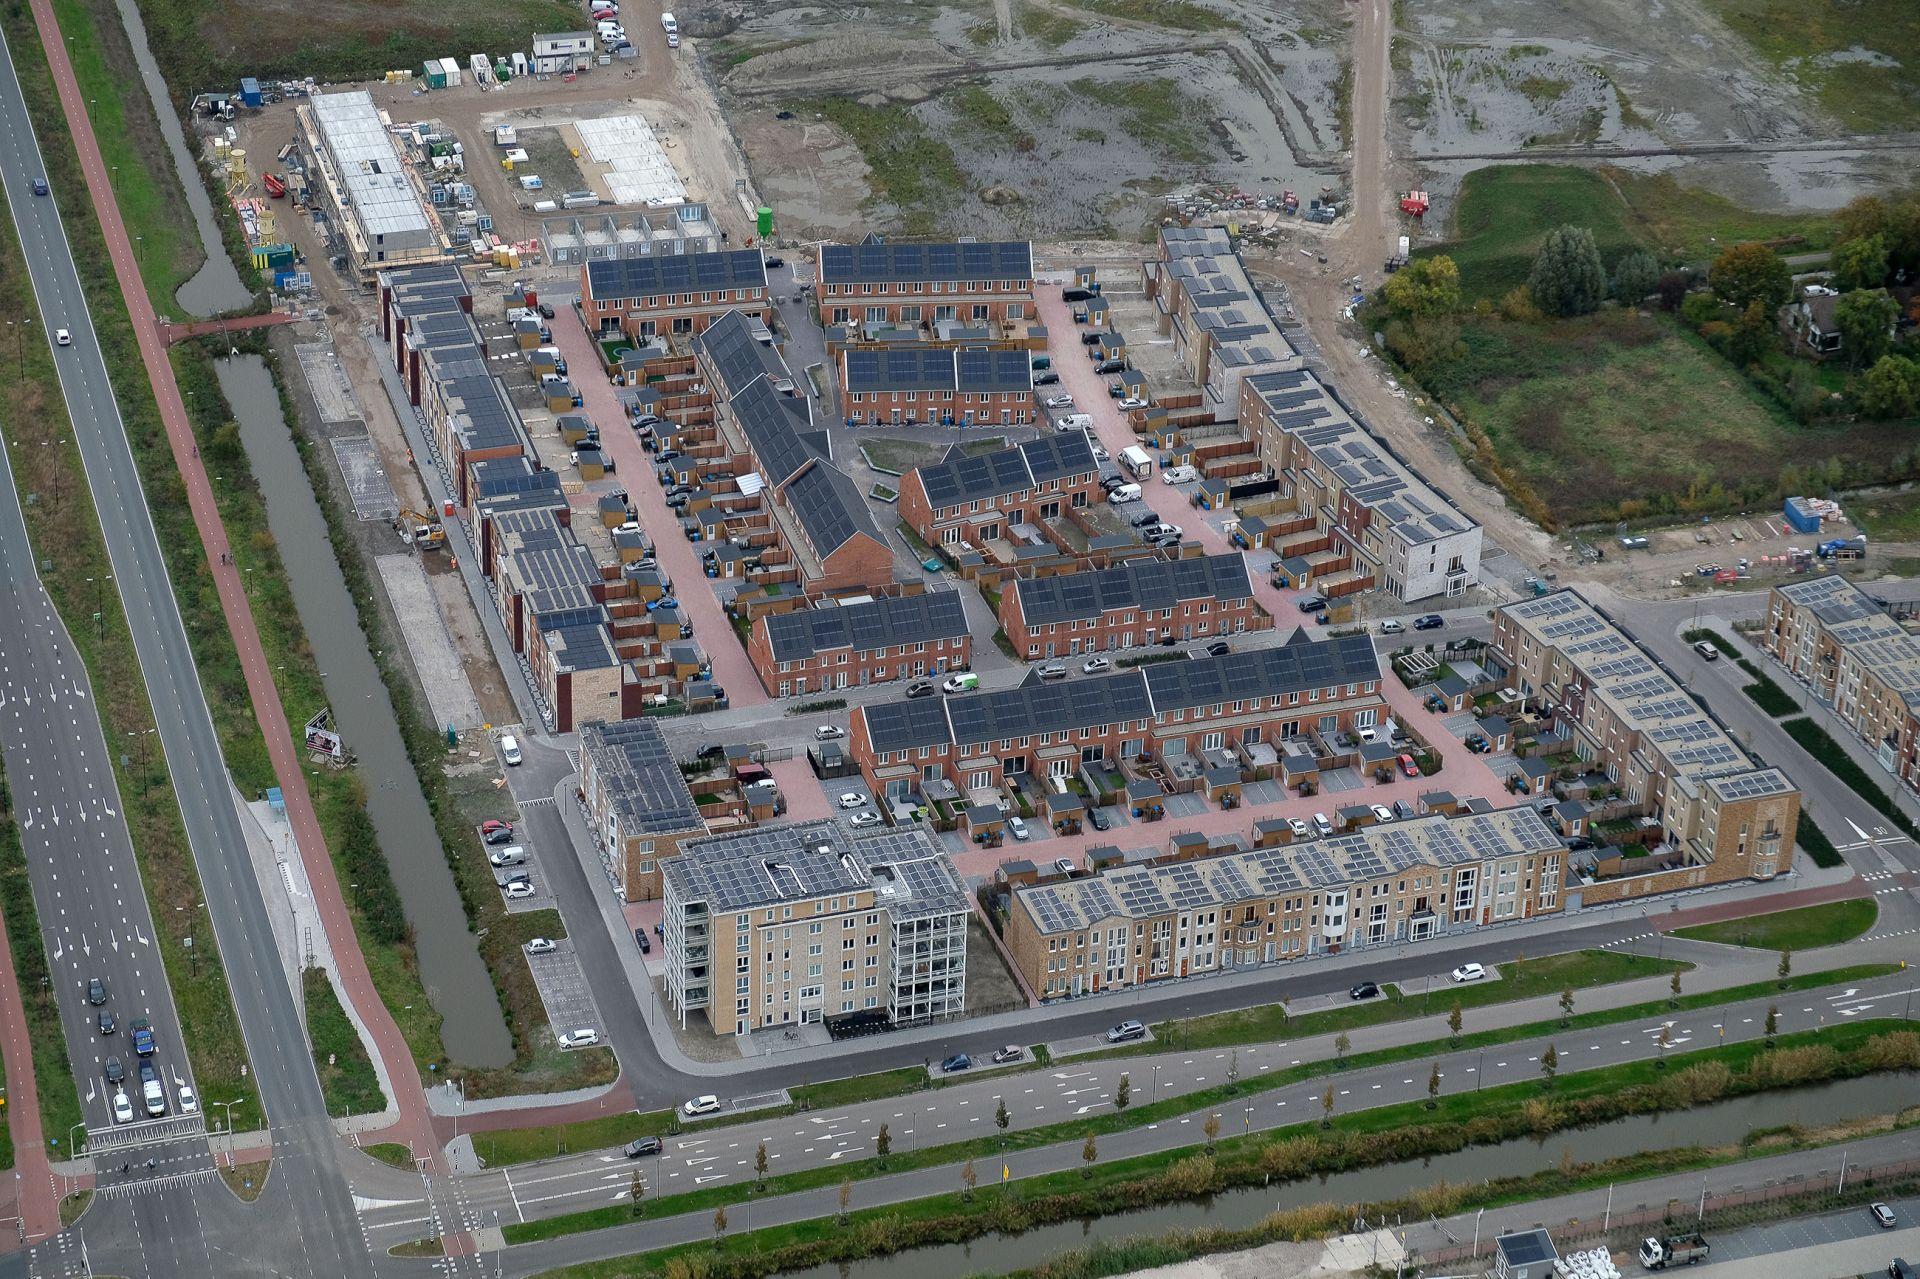 Uitspraak Raad van State over bestemmingsplan RijswijkBuiten